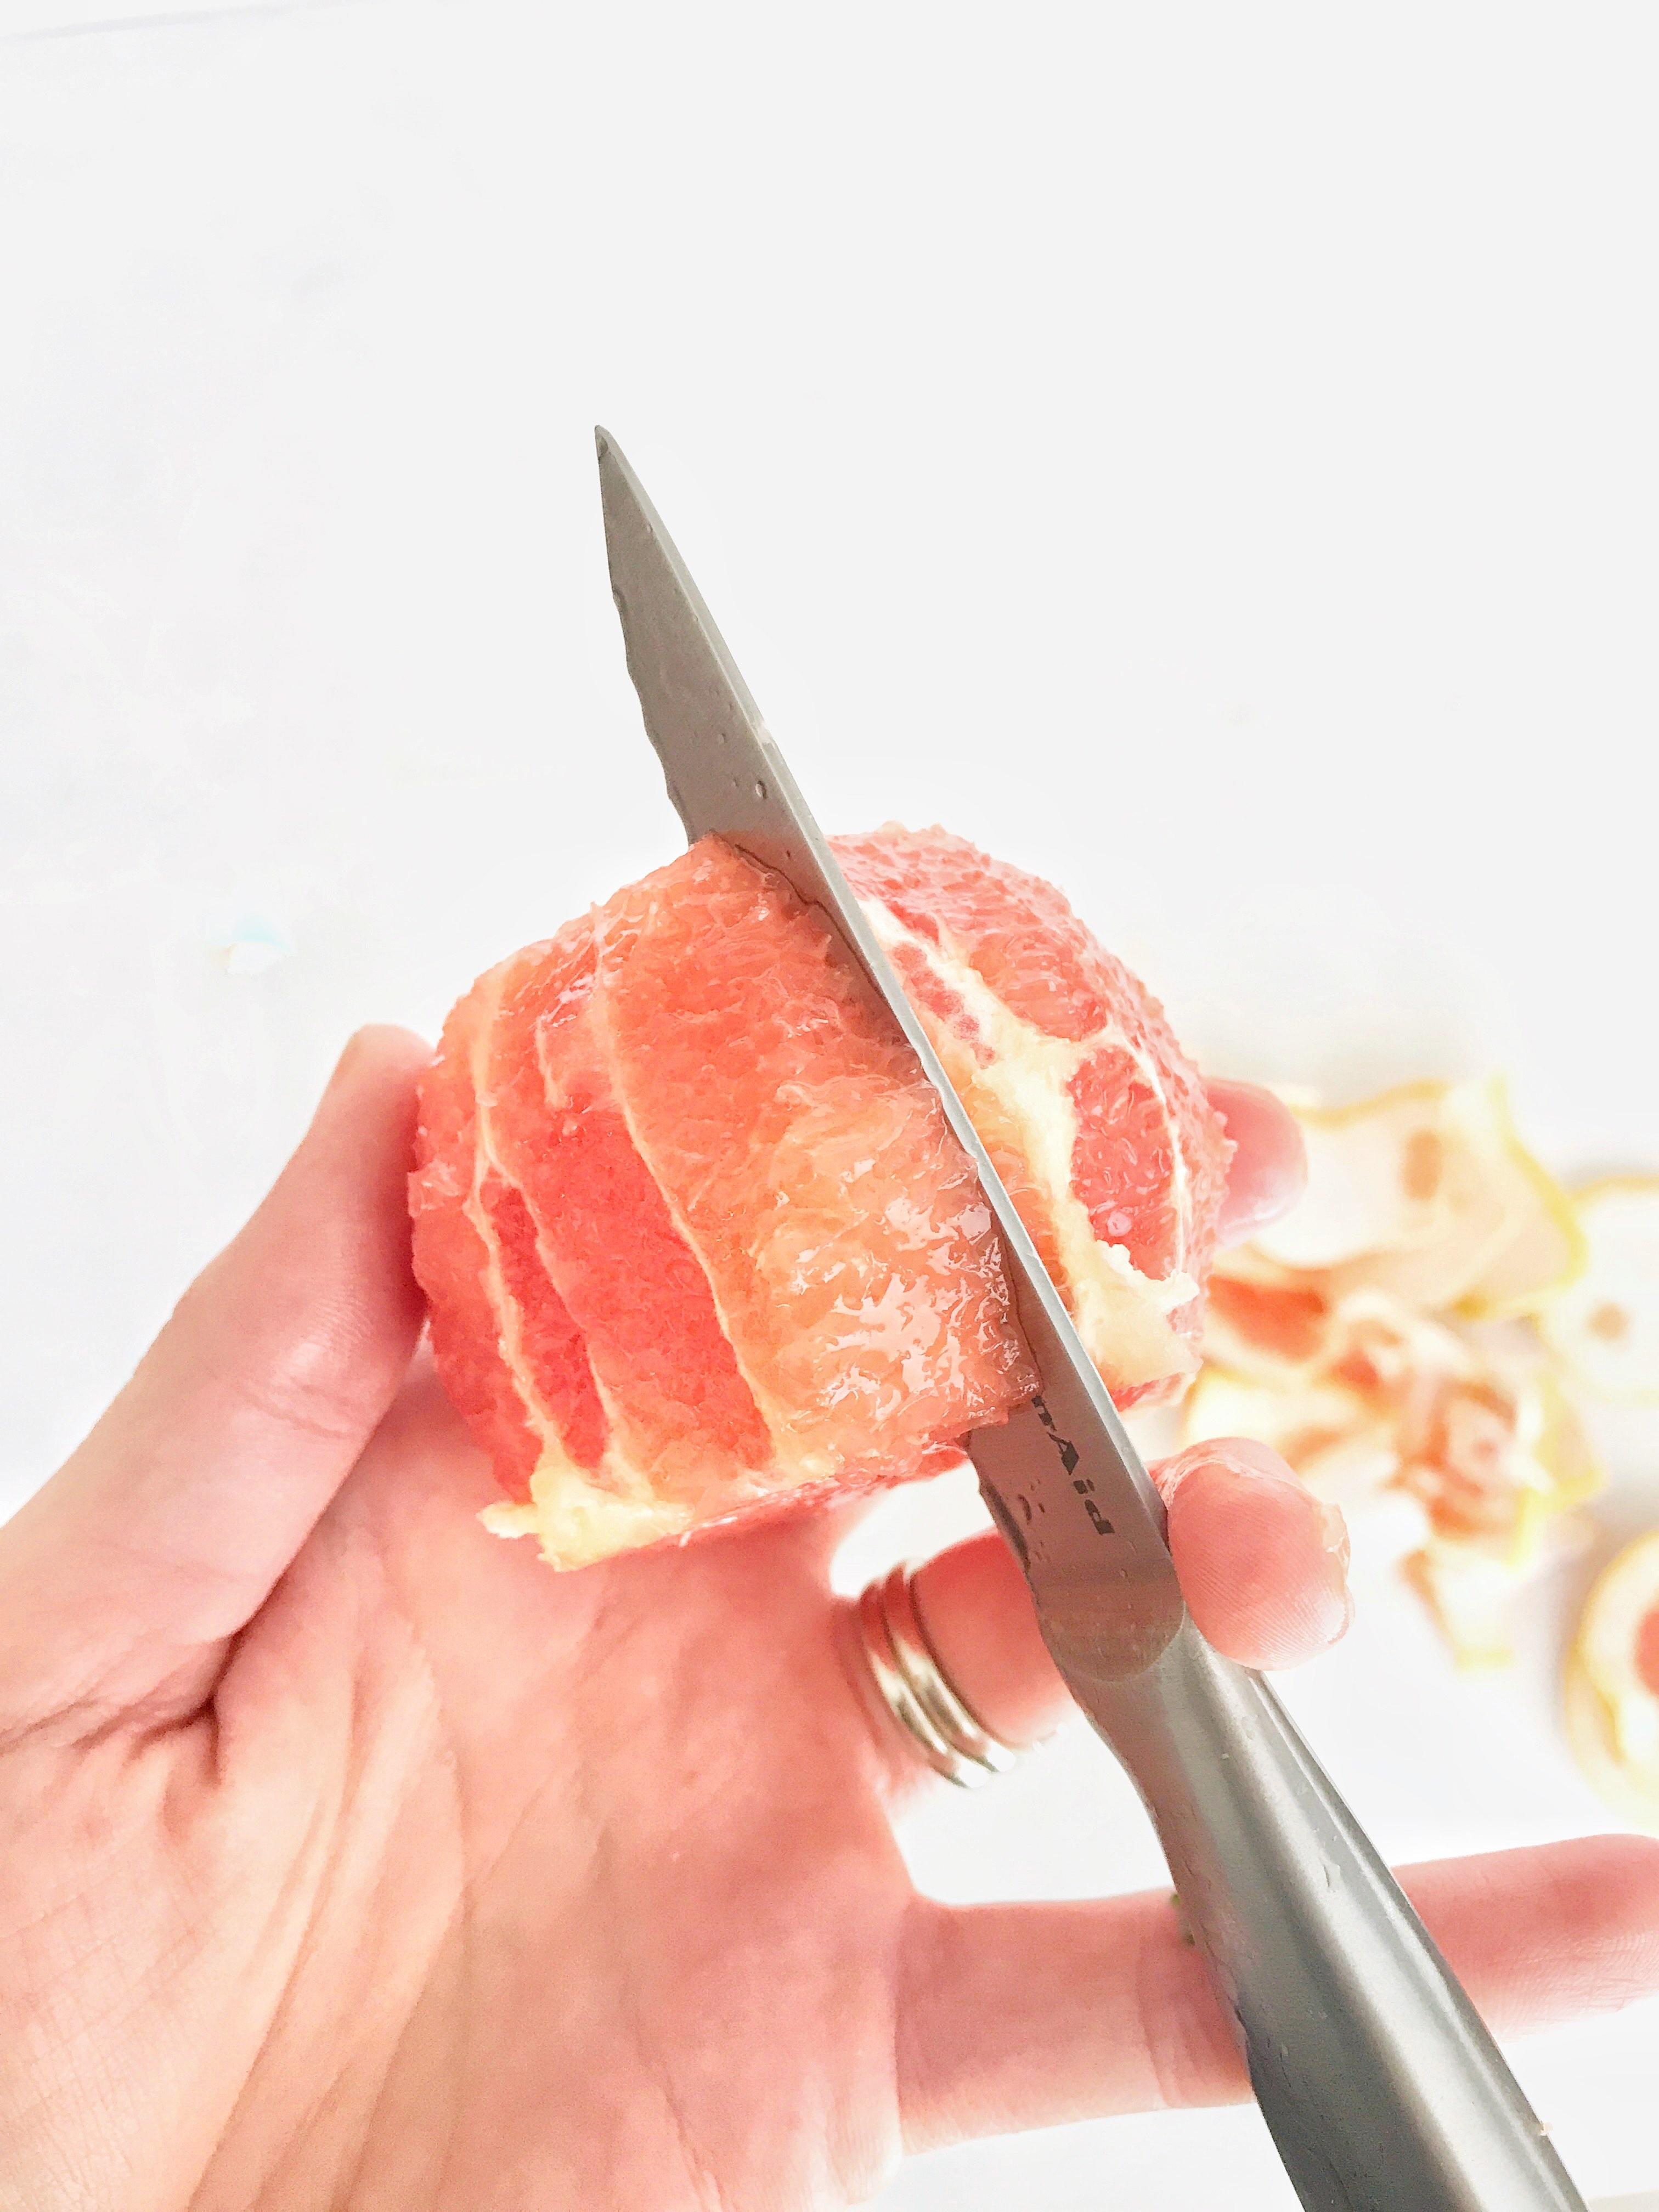 slicing in between segments of the grapefruit